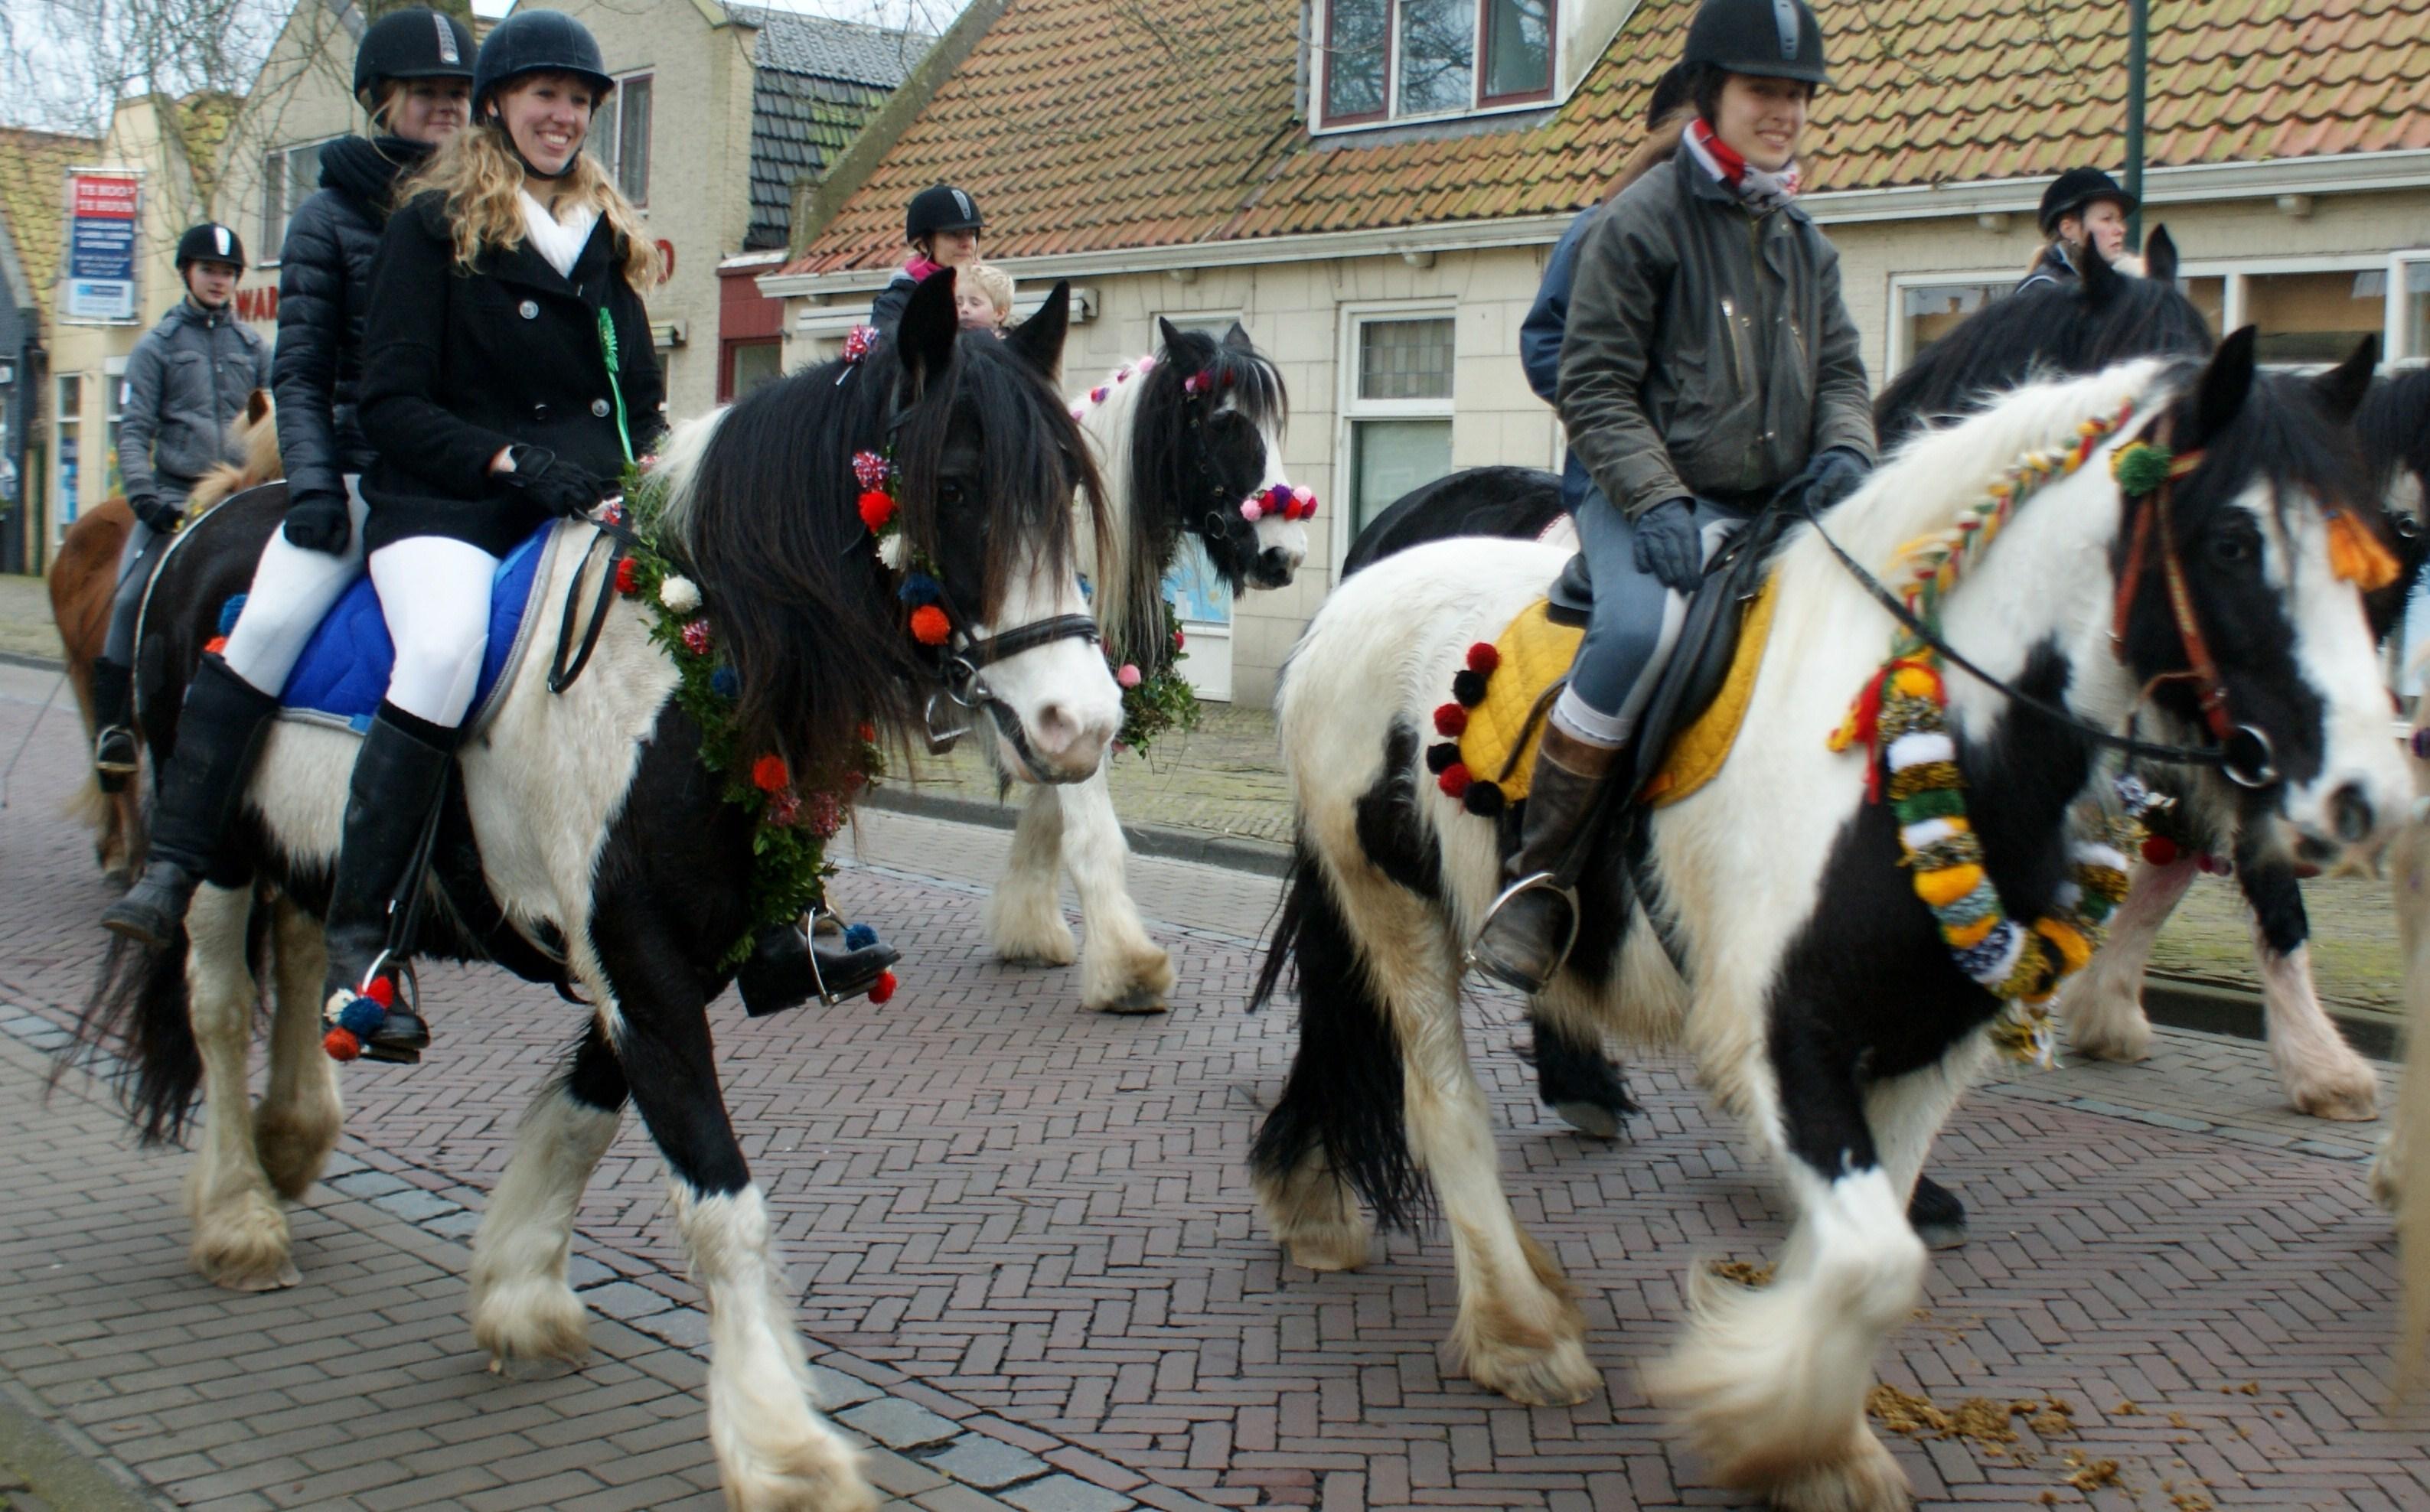 Strâo Paardenfeest 2014